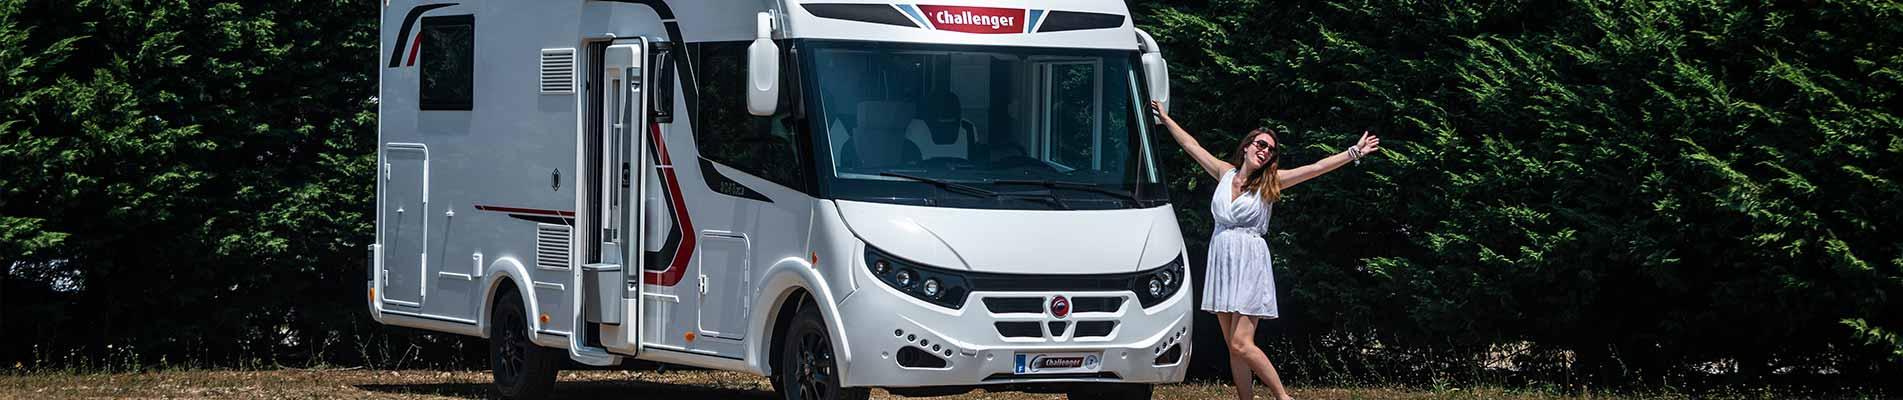 Challenger Markenwelt